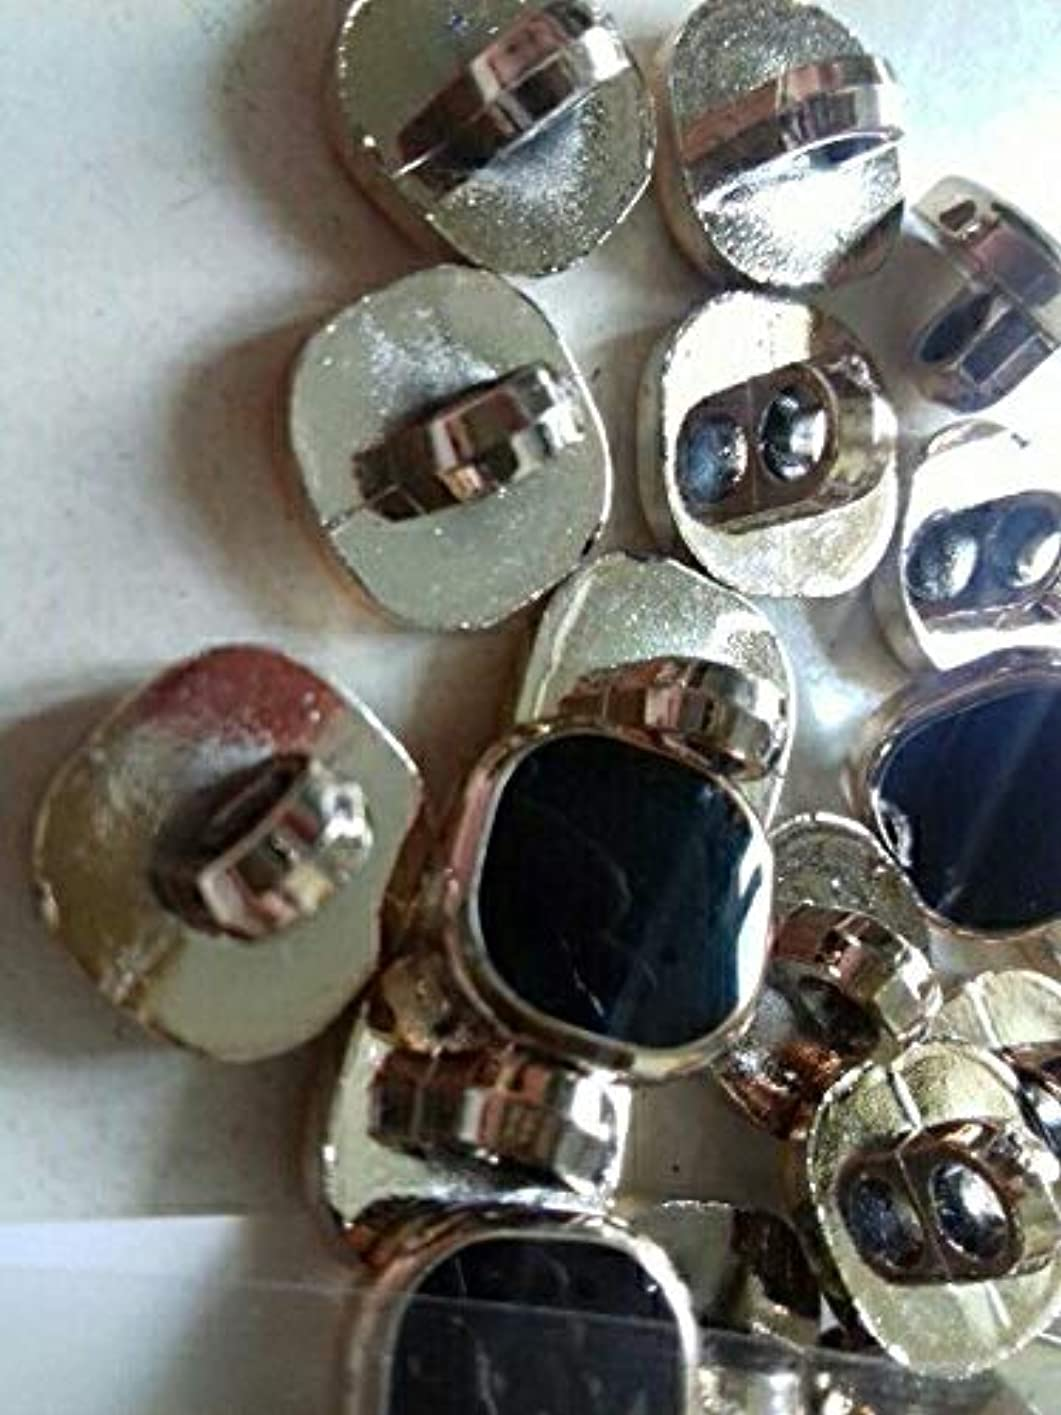 ゲート競争力のあるソビエトJicorzo - 衣料品クリスマススクラップブック作りノエルアクセサリー縫製コートのボタンScrabookのための100pcs DIY手作りメタルスナップボタン[100個]